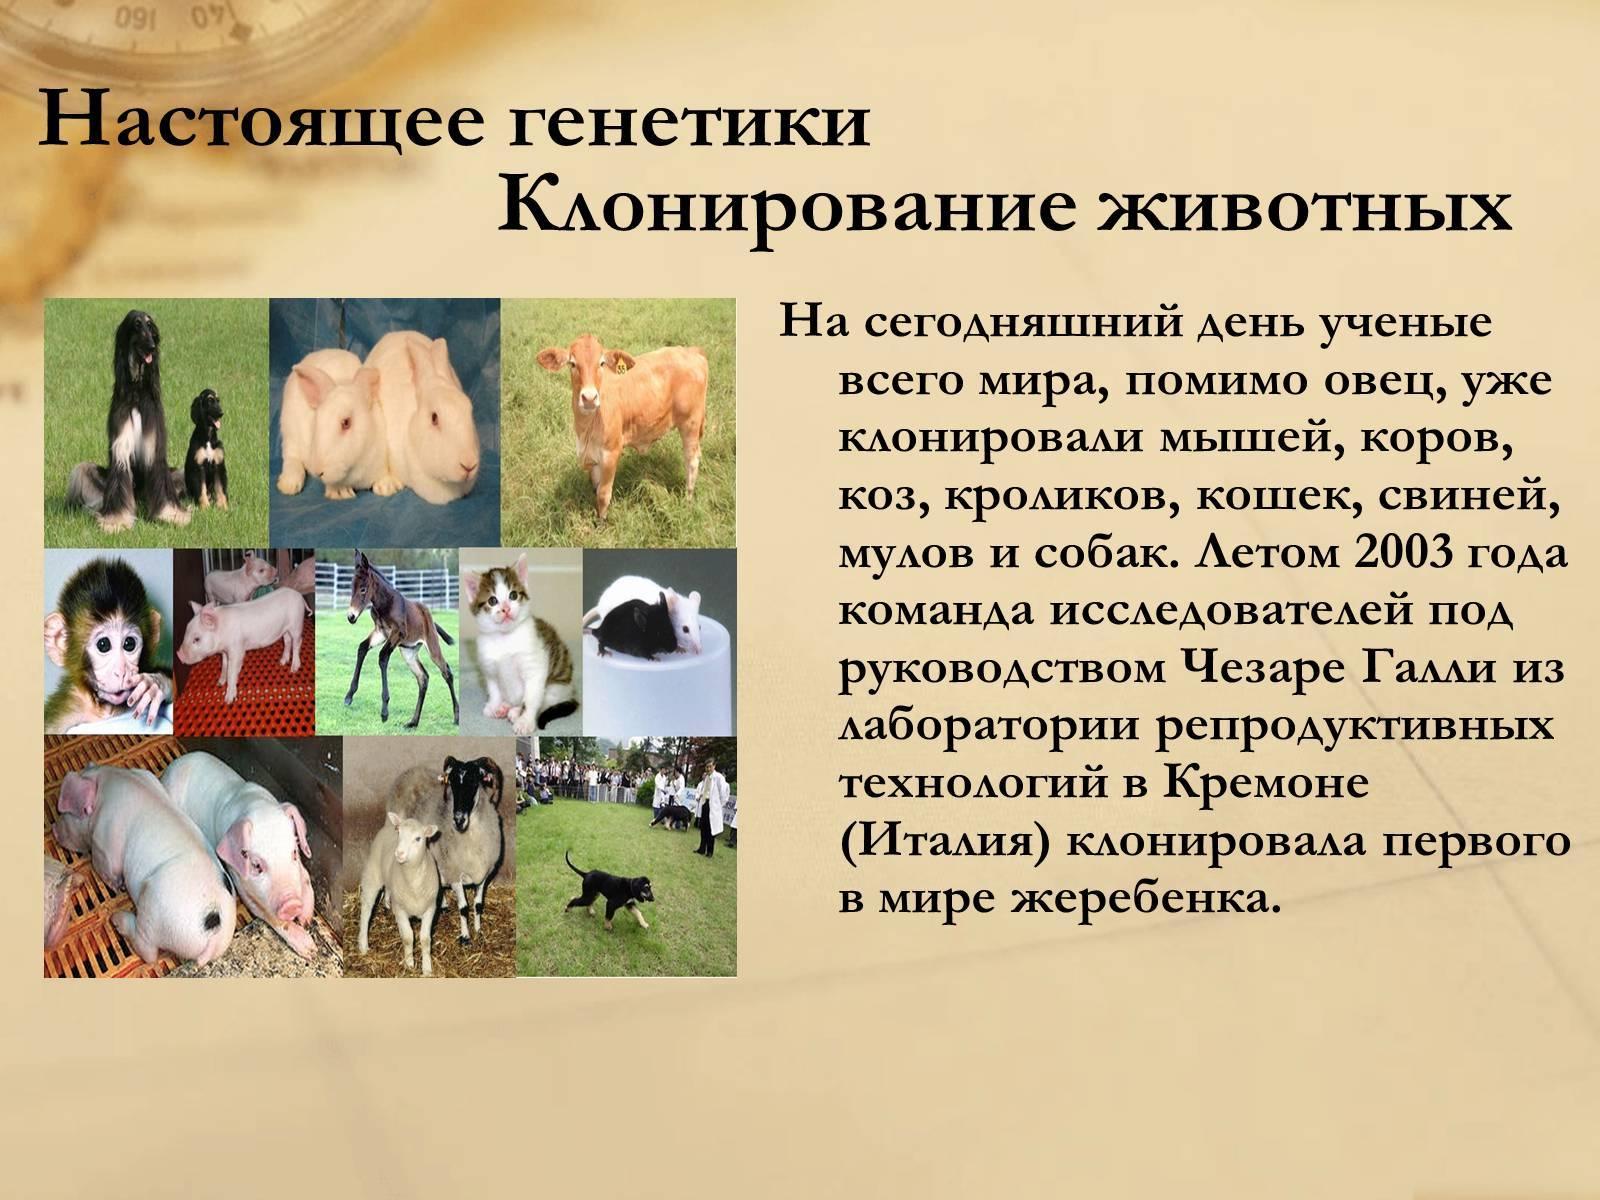 Клонирование животных и растений - вики